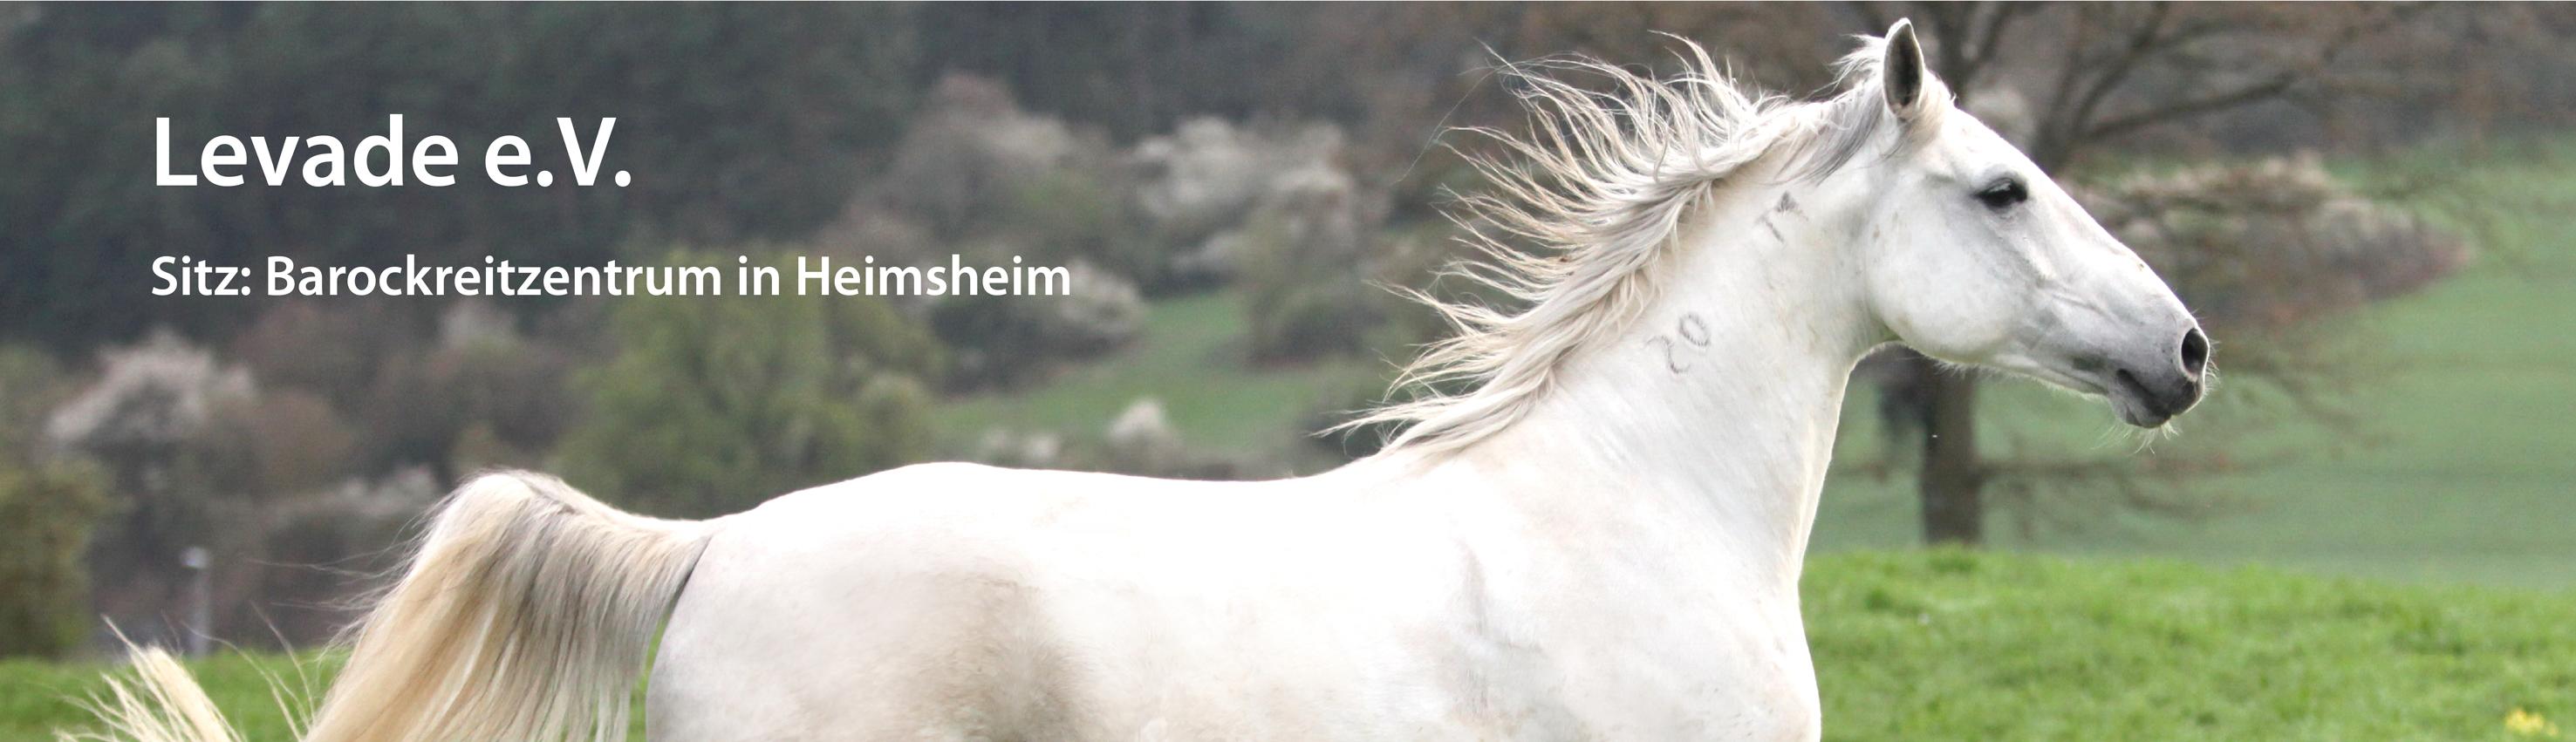 firma krieg heimsheim